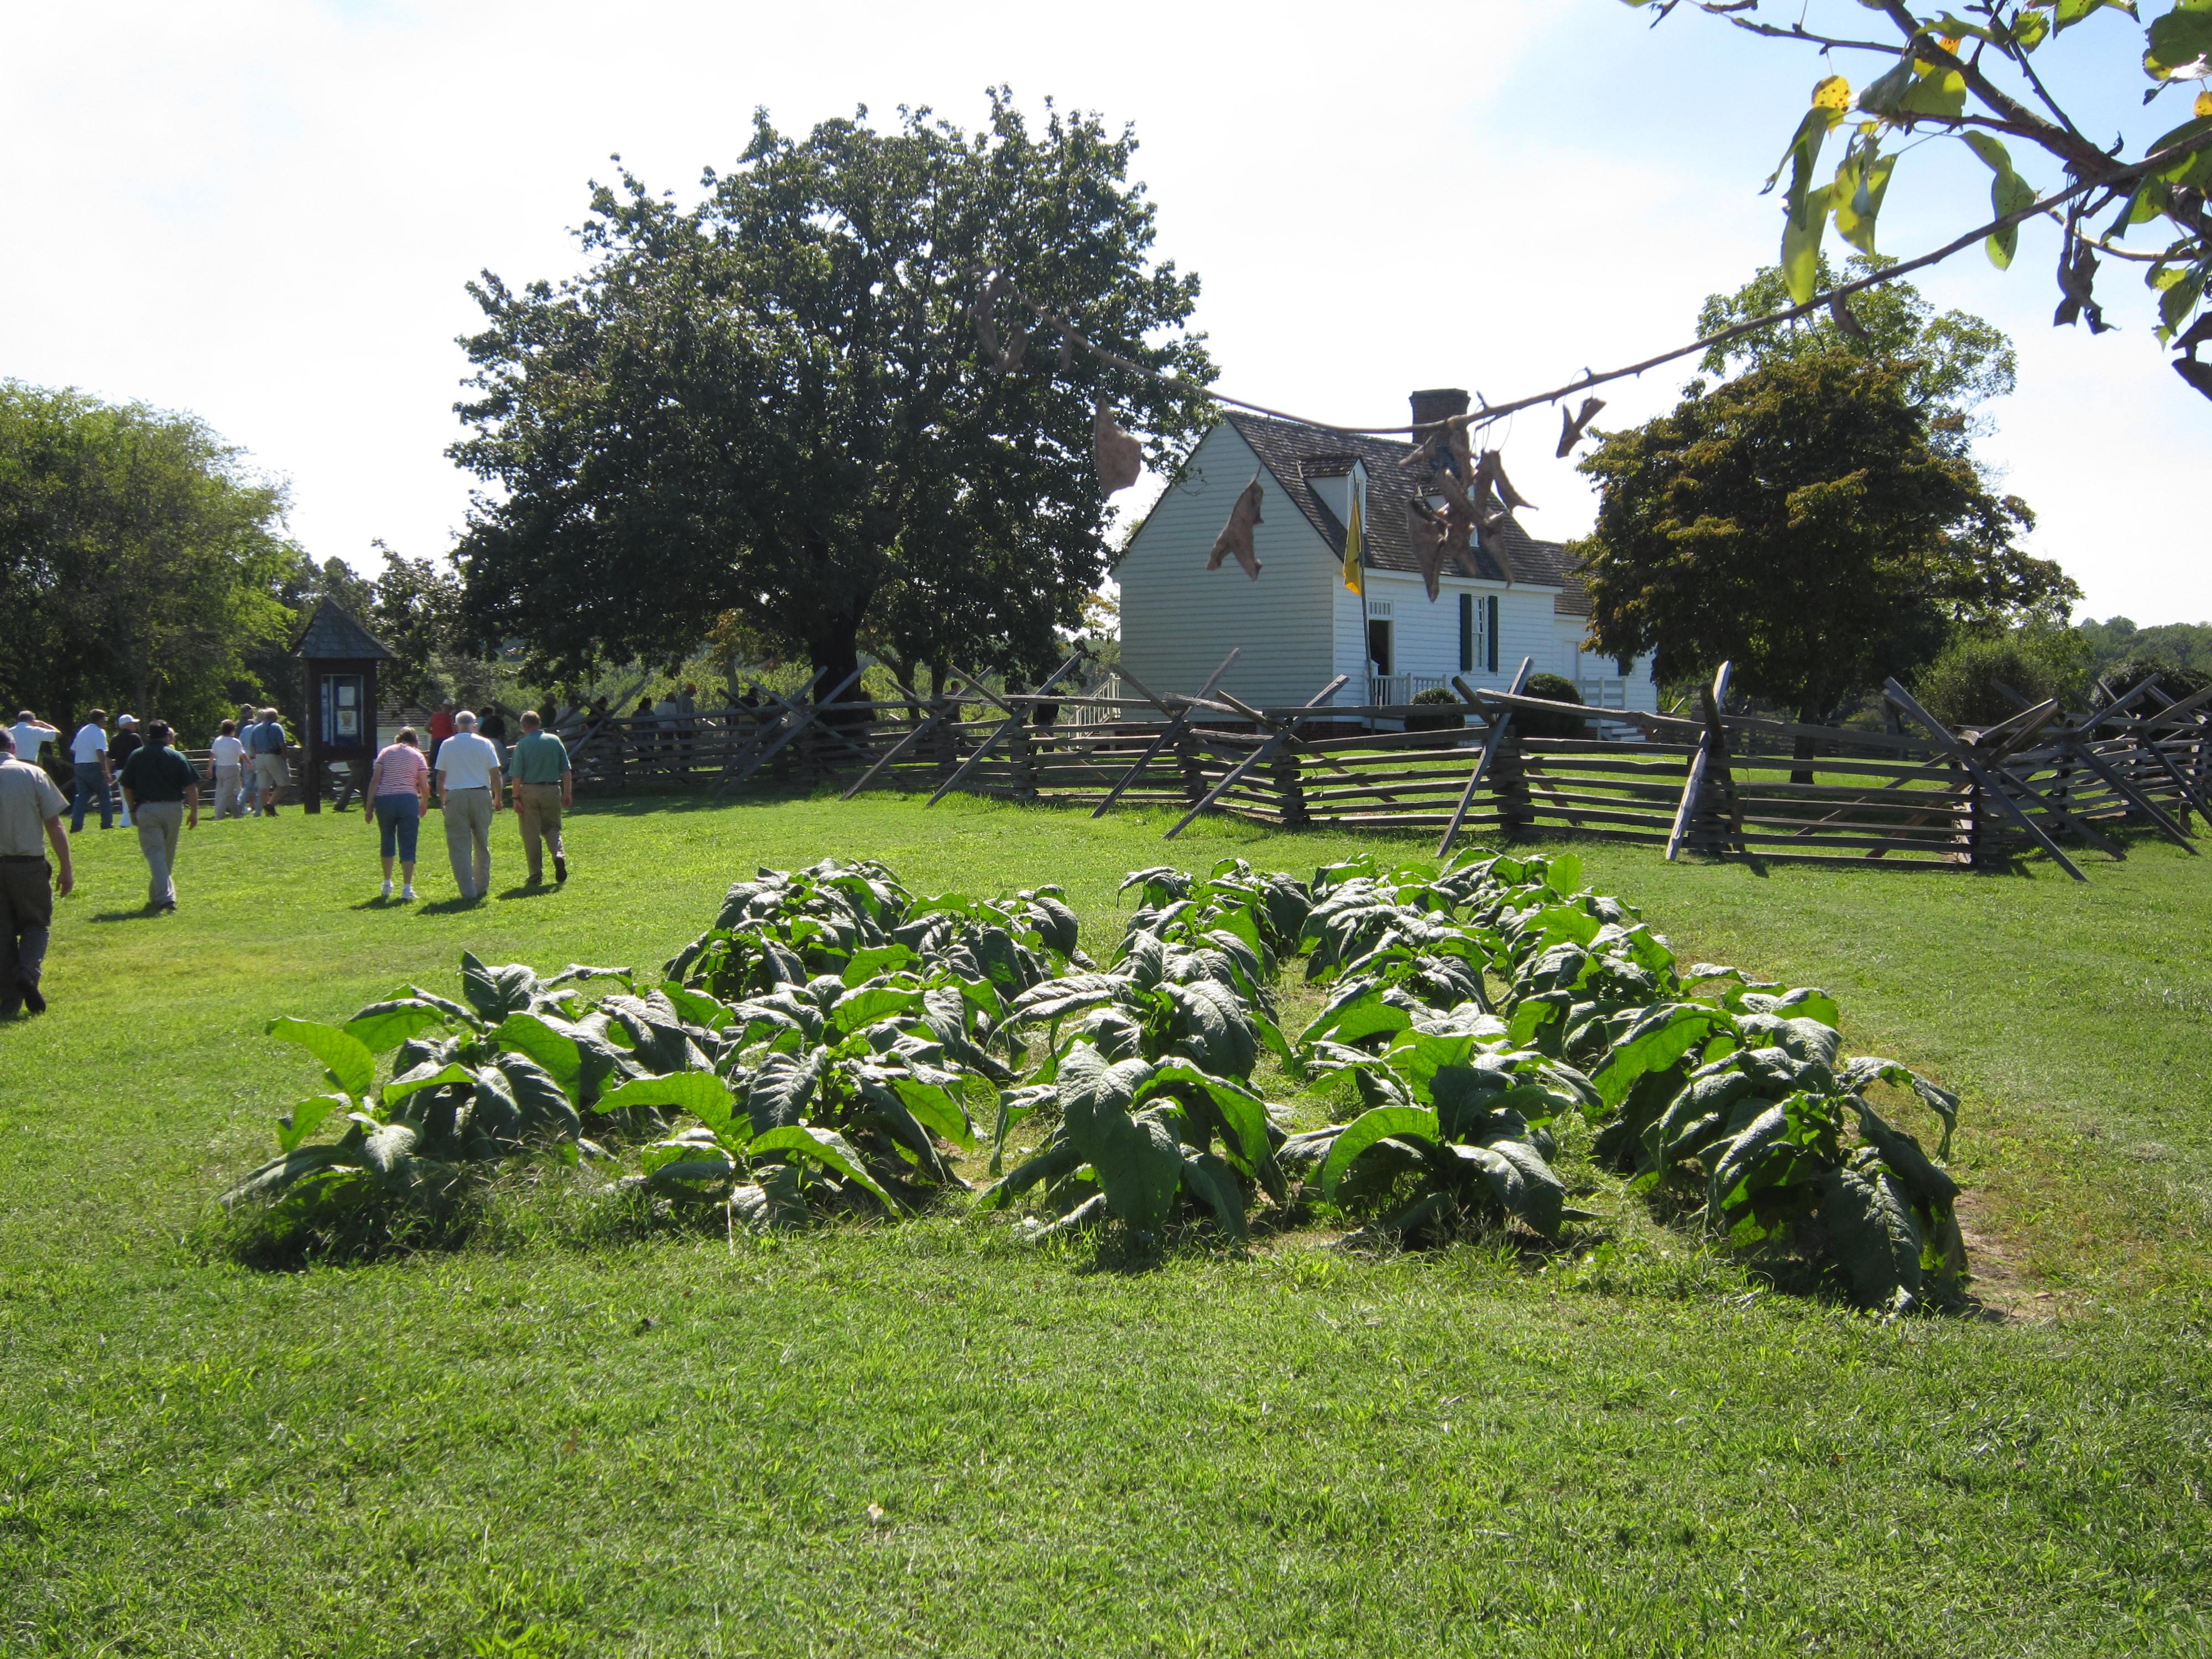 Hillsman Farm House. Photo taken on September 13, 2012.